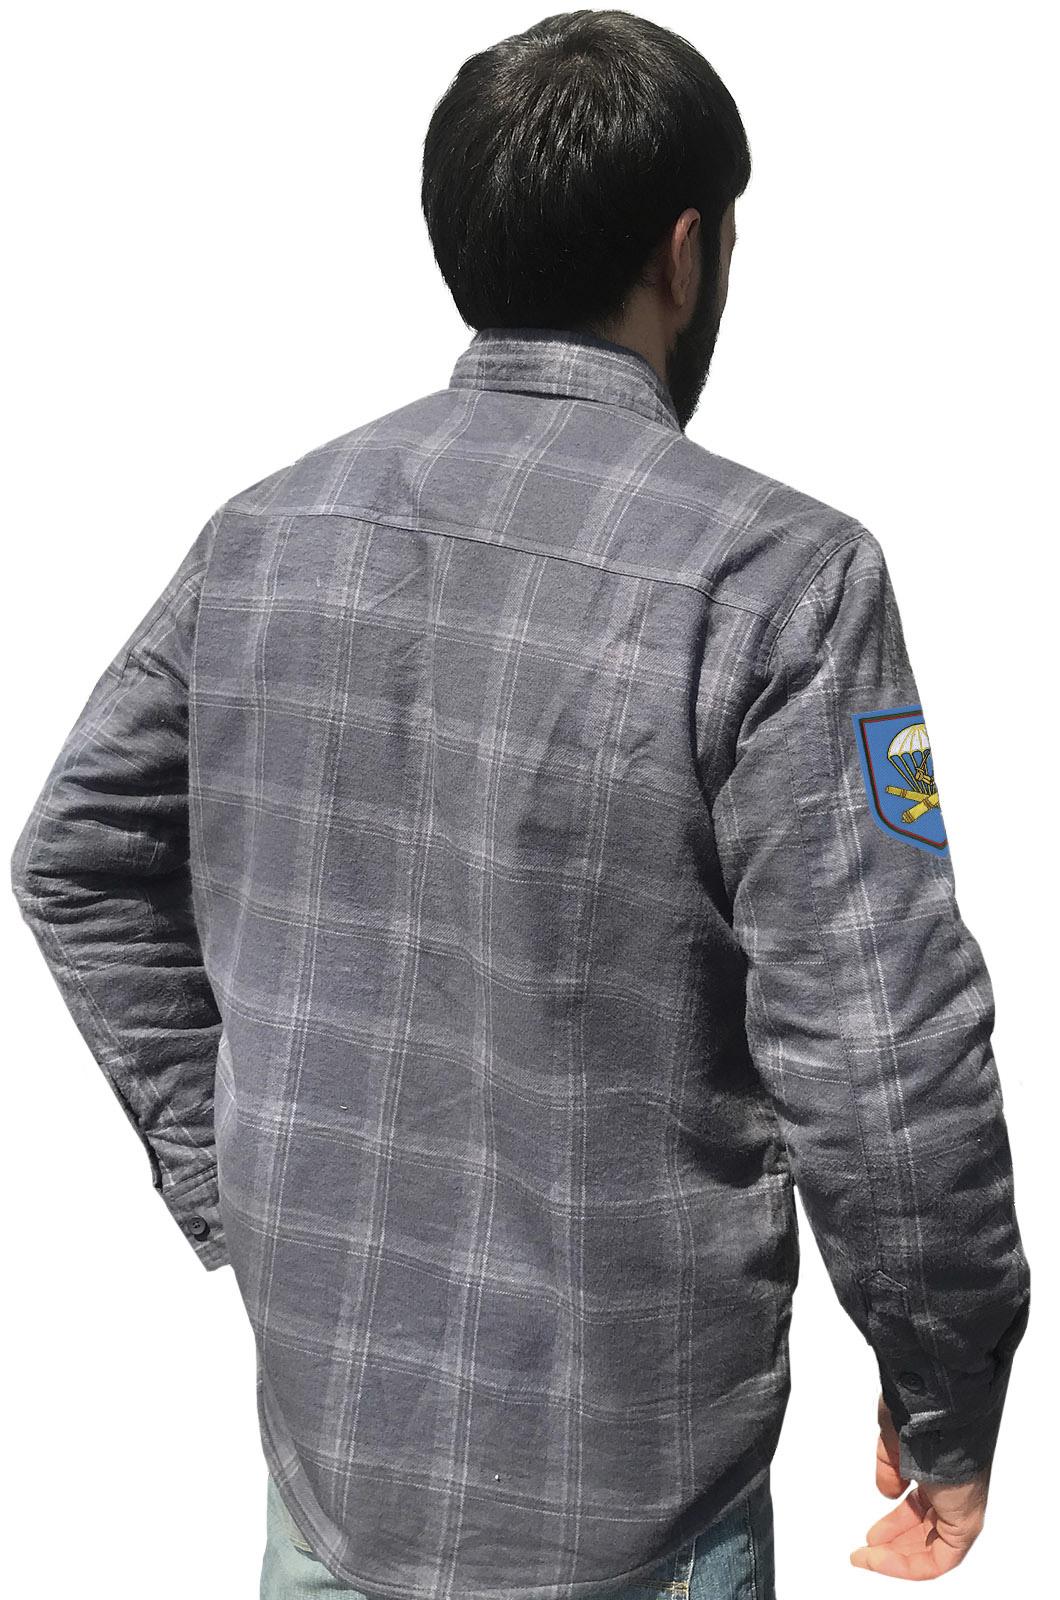 Купить надежную рубашку с вышитым шевроном 1065 Артполк 98 ВДД ВДВ в подарок мужу